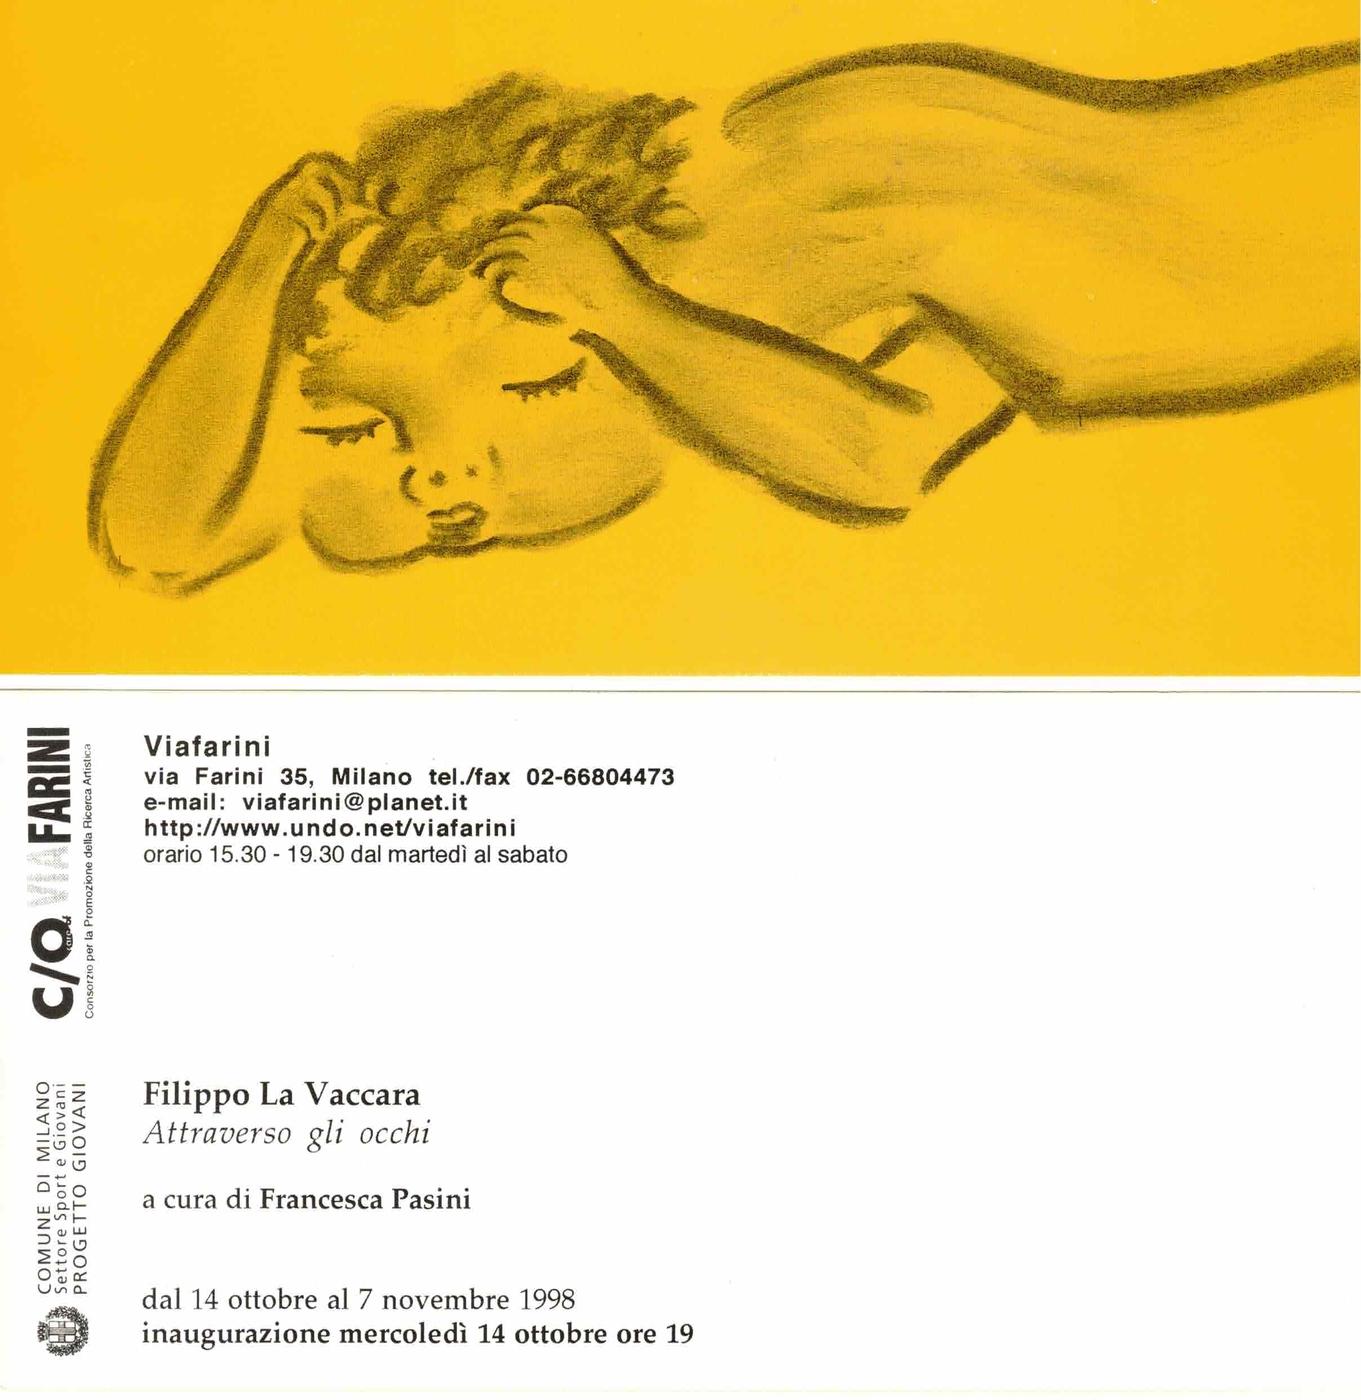 Filippo La Vaccara, Attraverso gli occhi